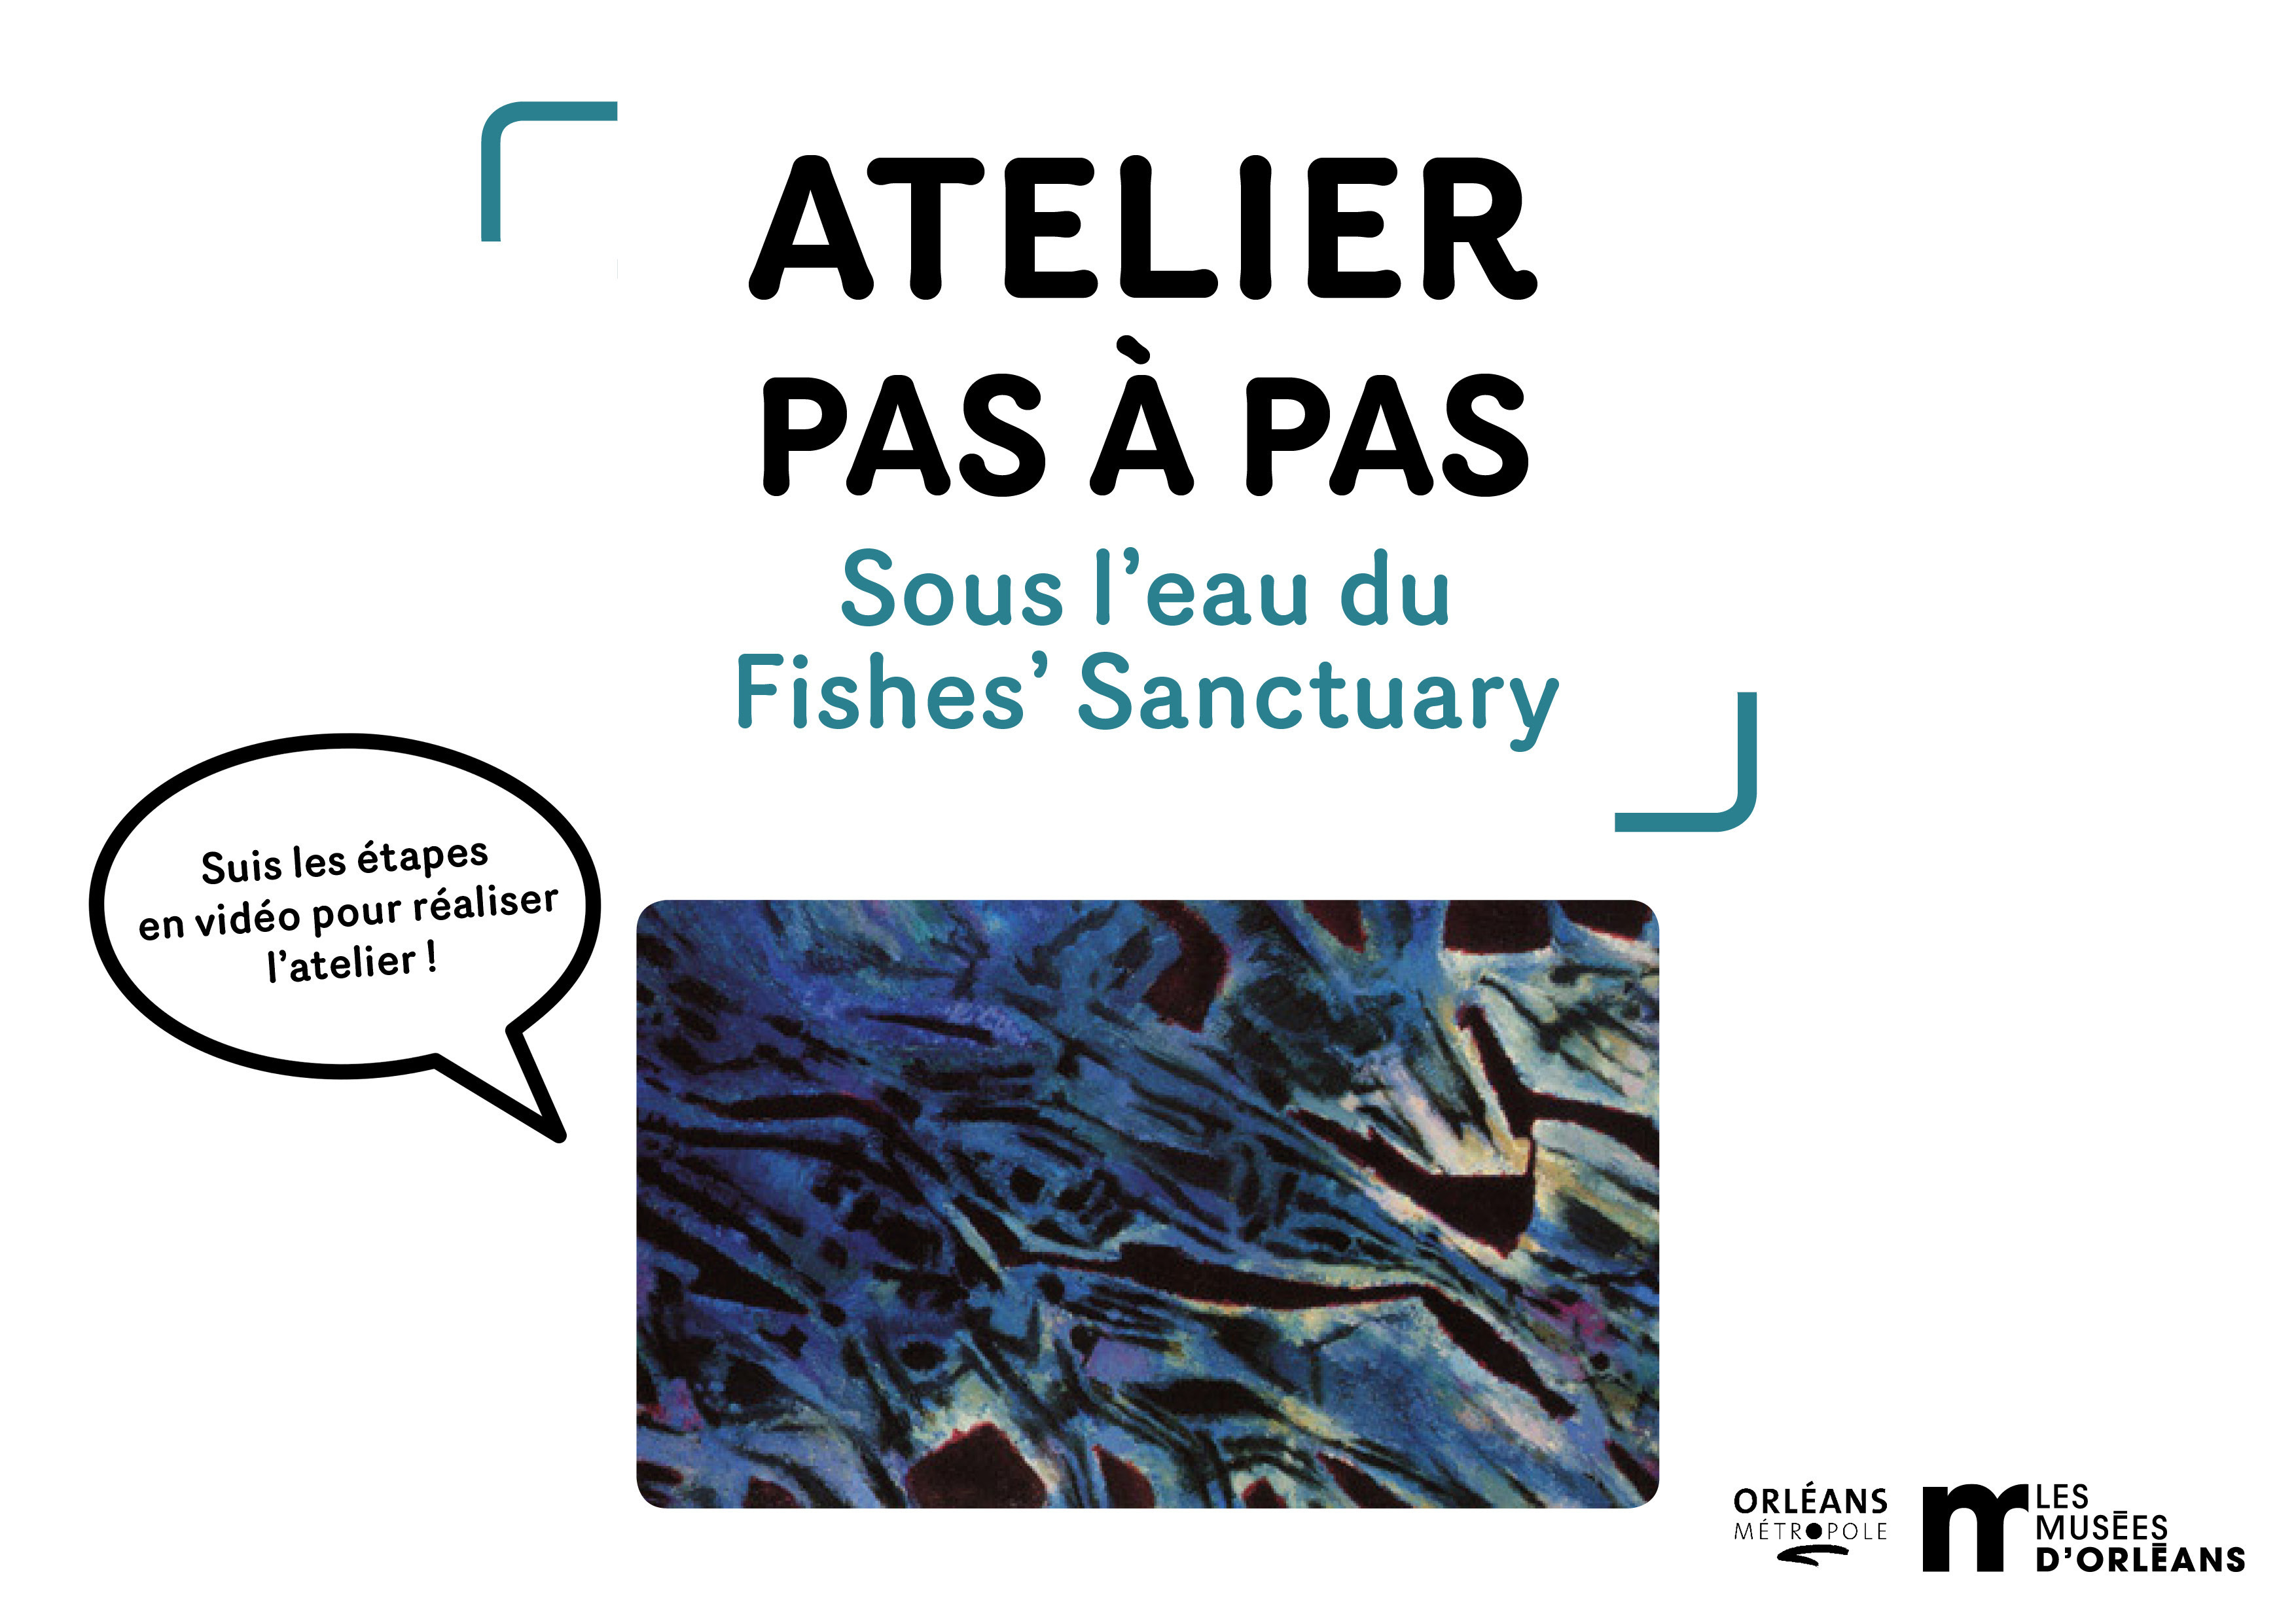 ATELIER PAS À PAS / Sous l'eau du Fishes' sanctuary